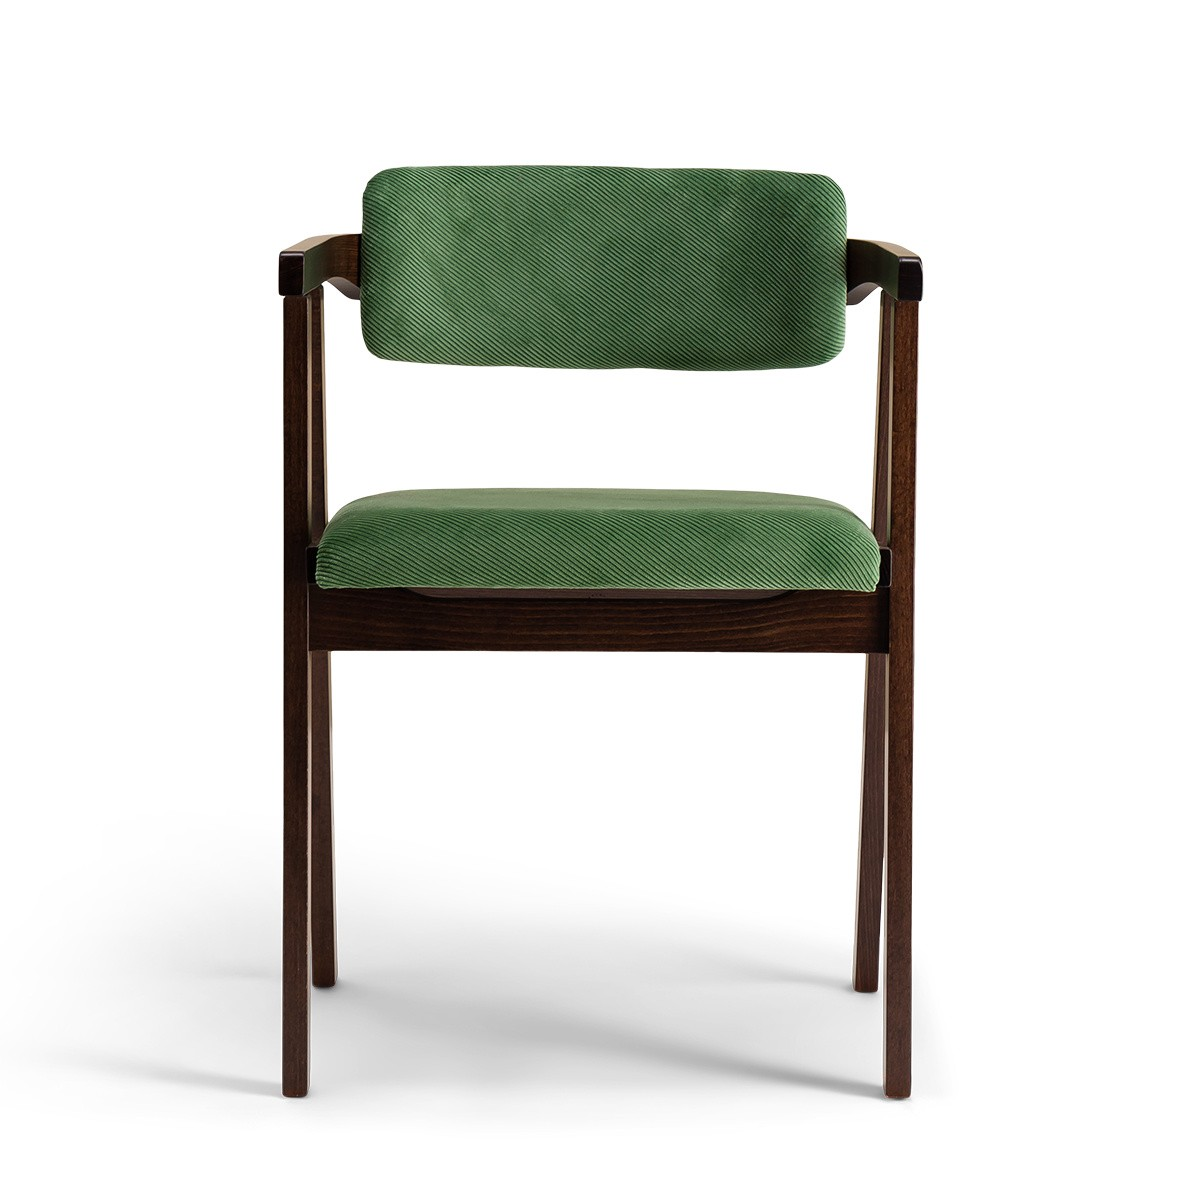 Chaise Milano bois brun velours côtelé vert amande